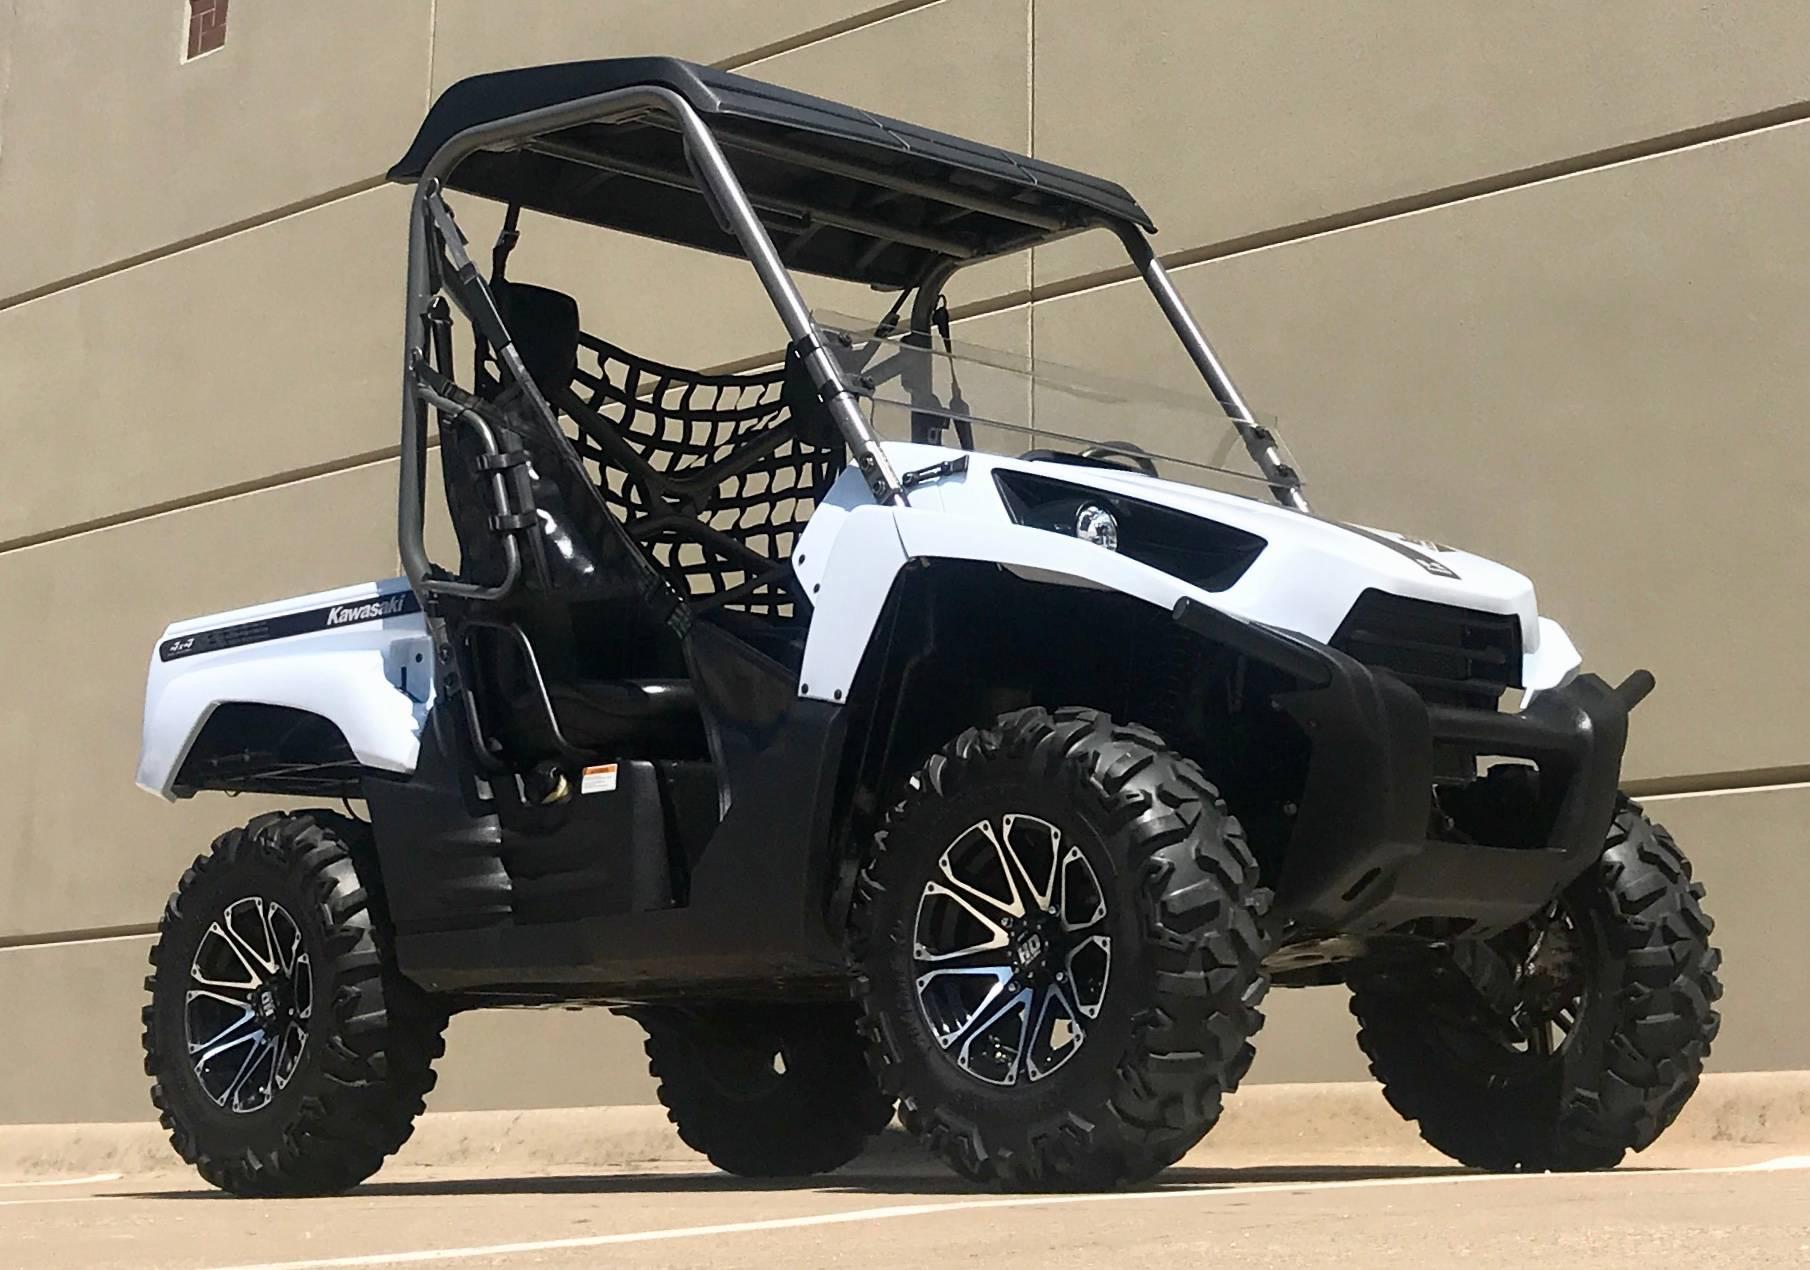 Used 2013 Kawasaki Teryx® 750 FI 4x4 LE Utility Vehicles in Plano, TX